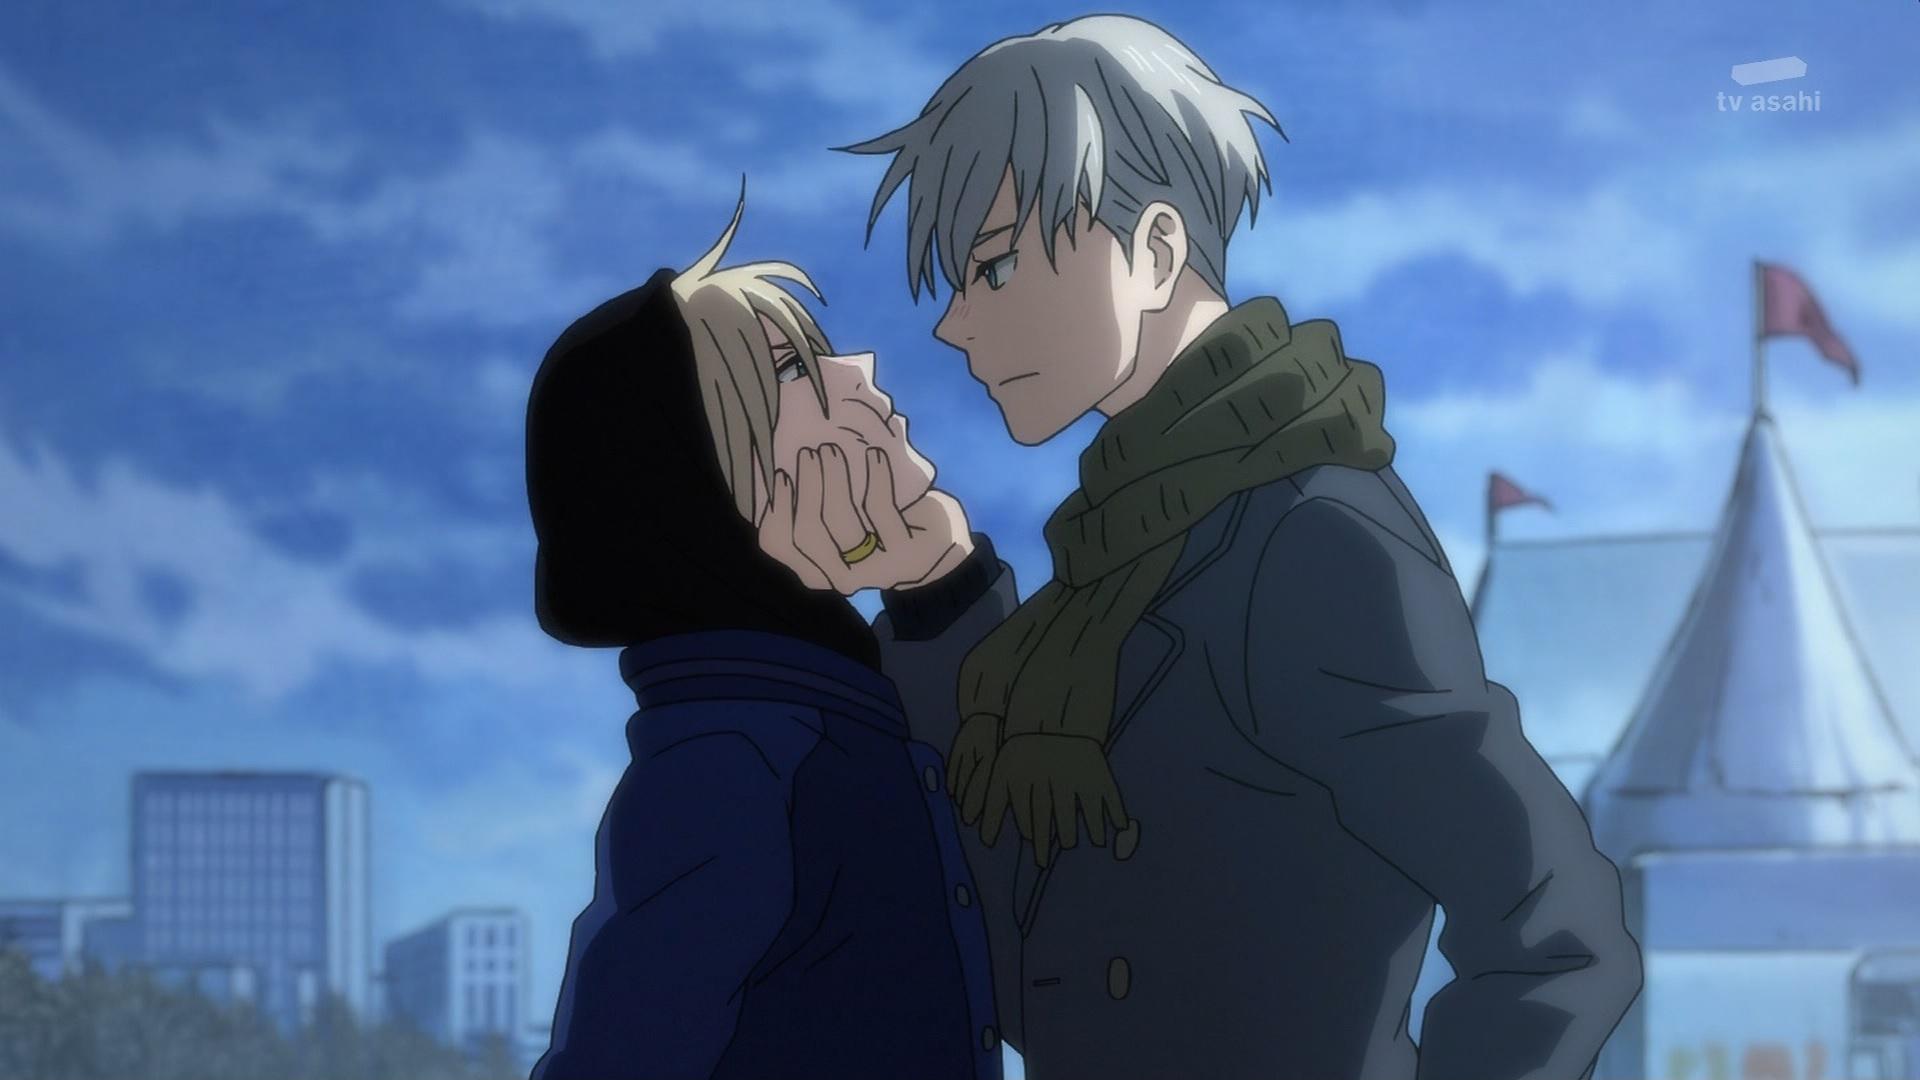 ヴィクトルとユリオ(第10話画像)